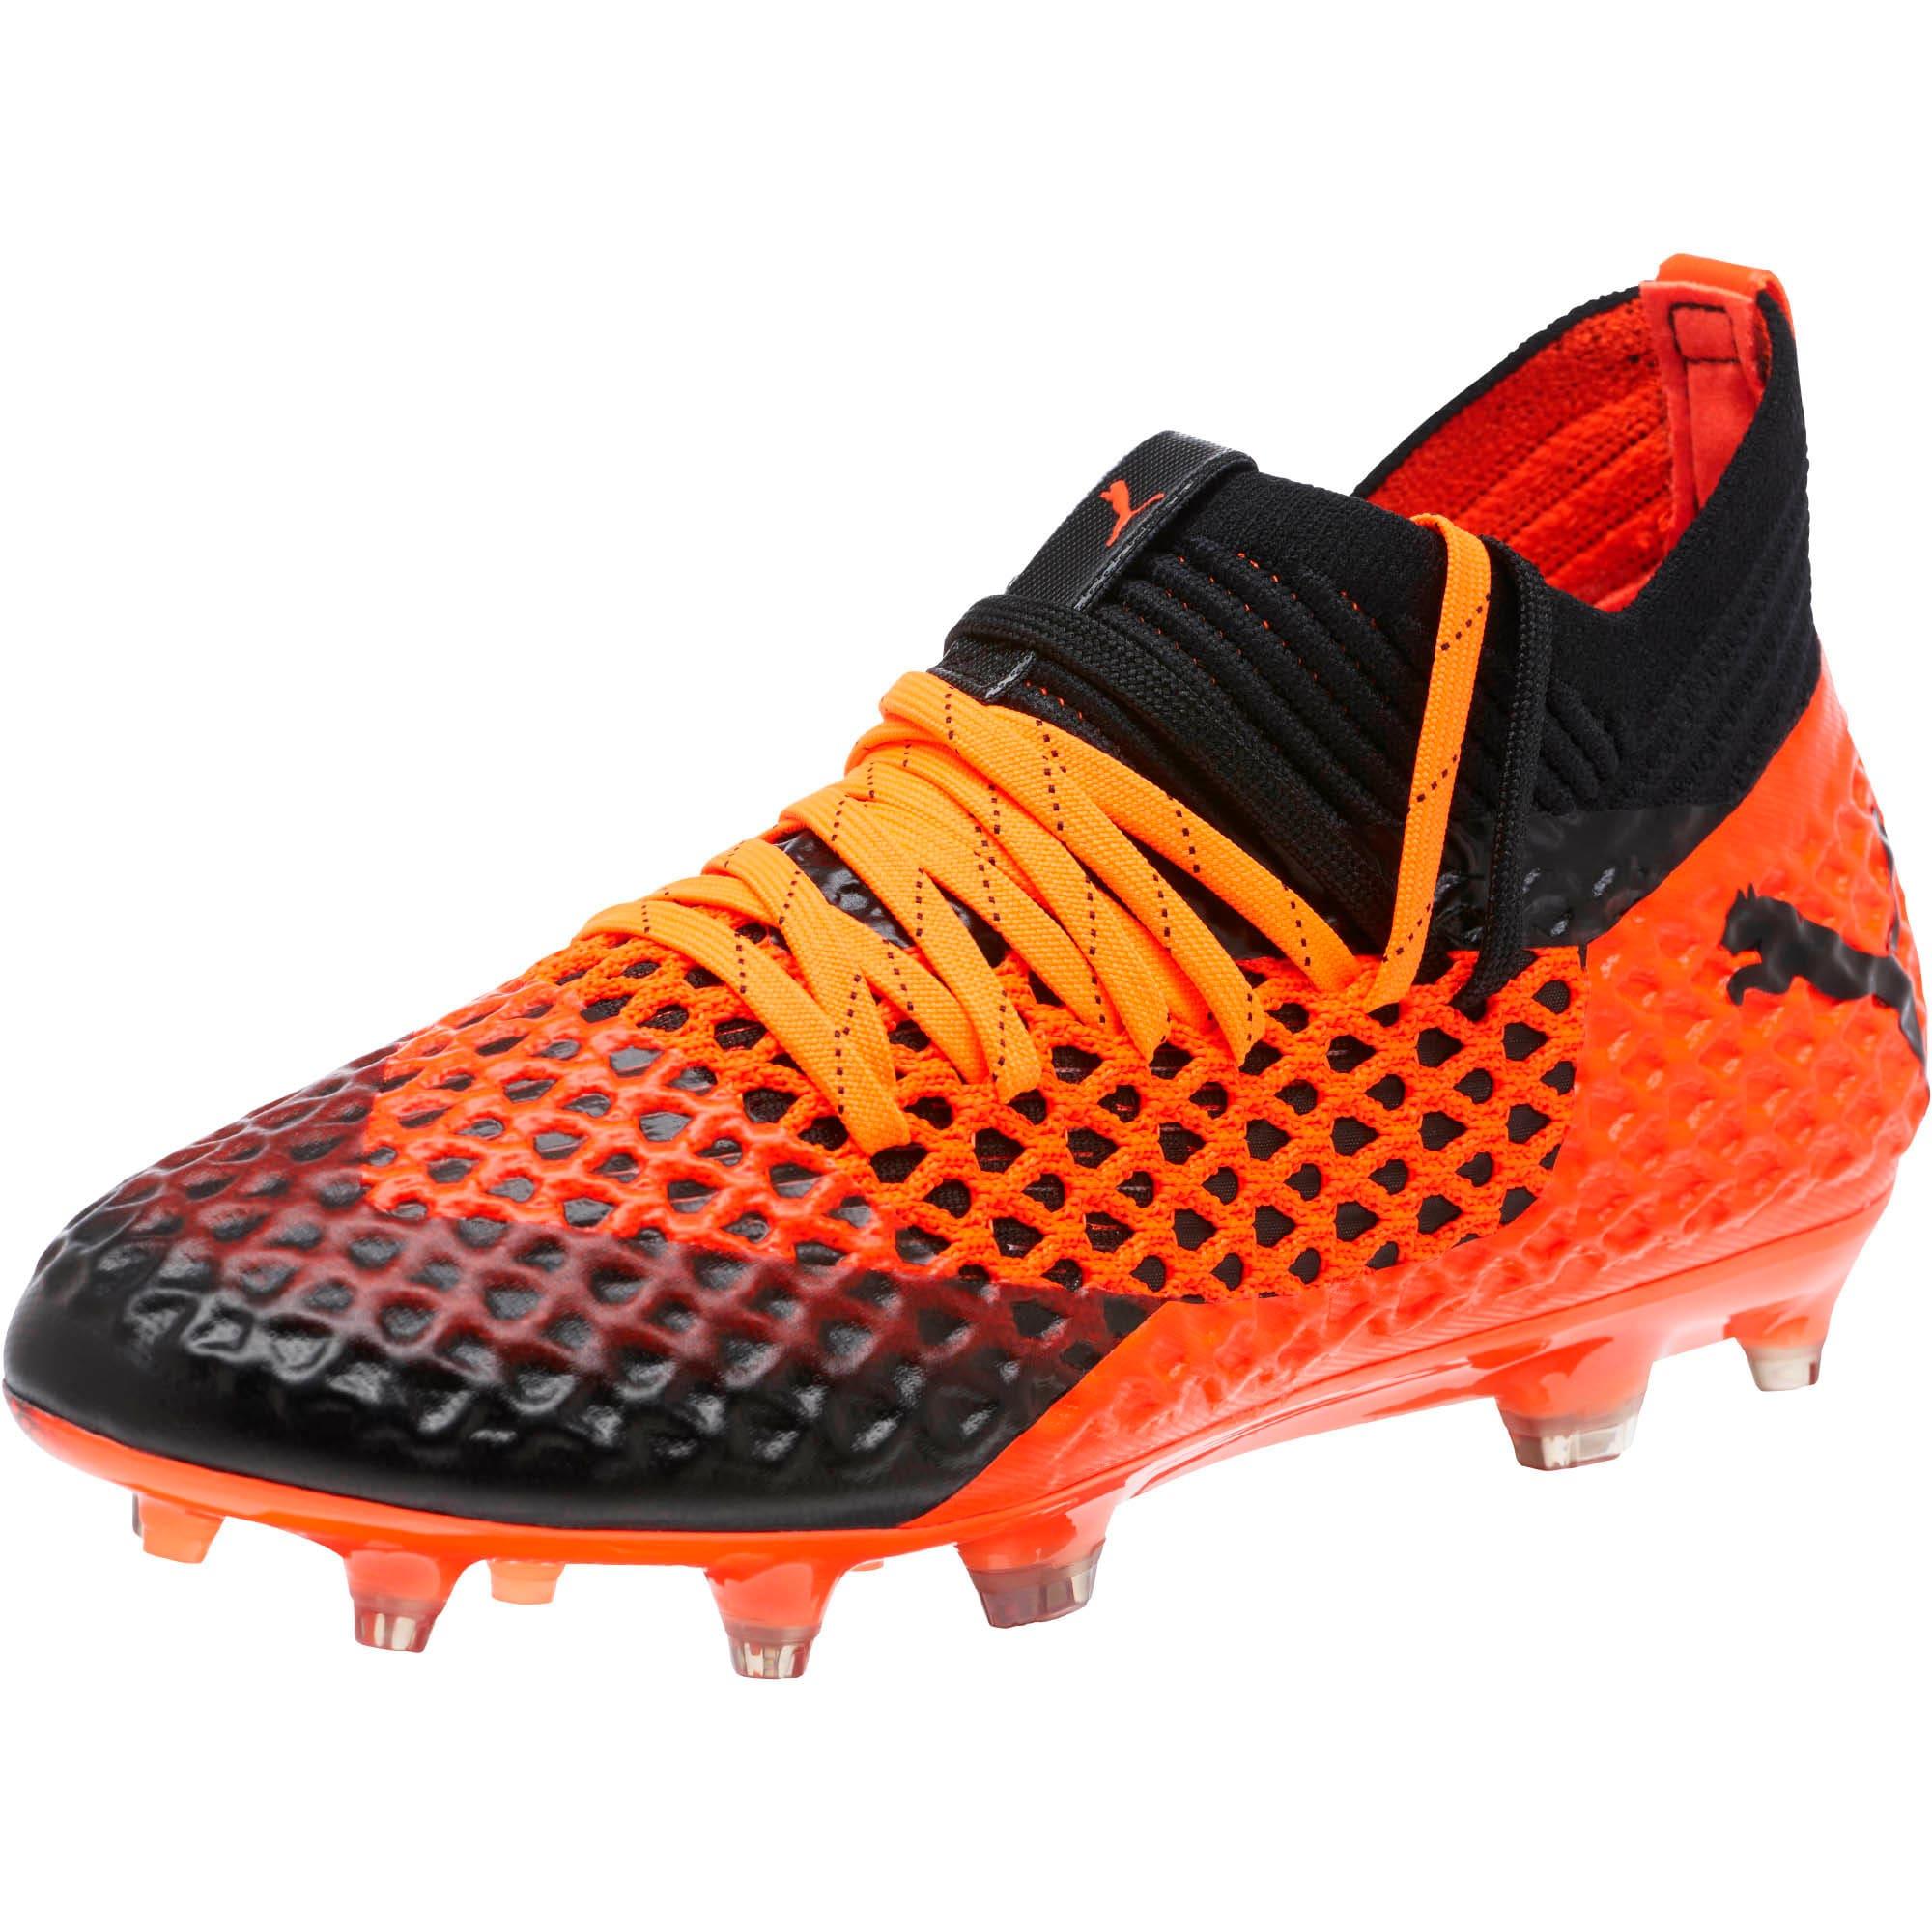 Thumbnail 1 of FUTURE 2.1 NETFIT FG/AG Soccer Cleats JR, Black-Orange, medium